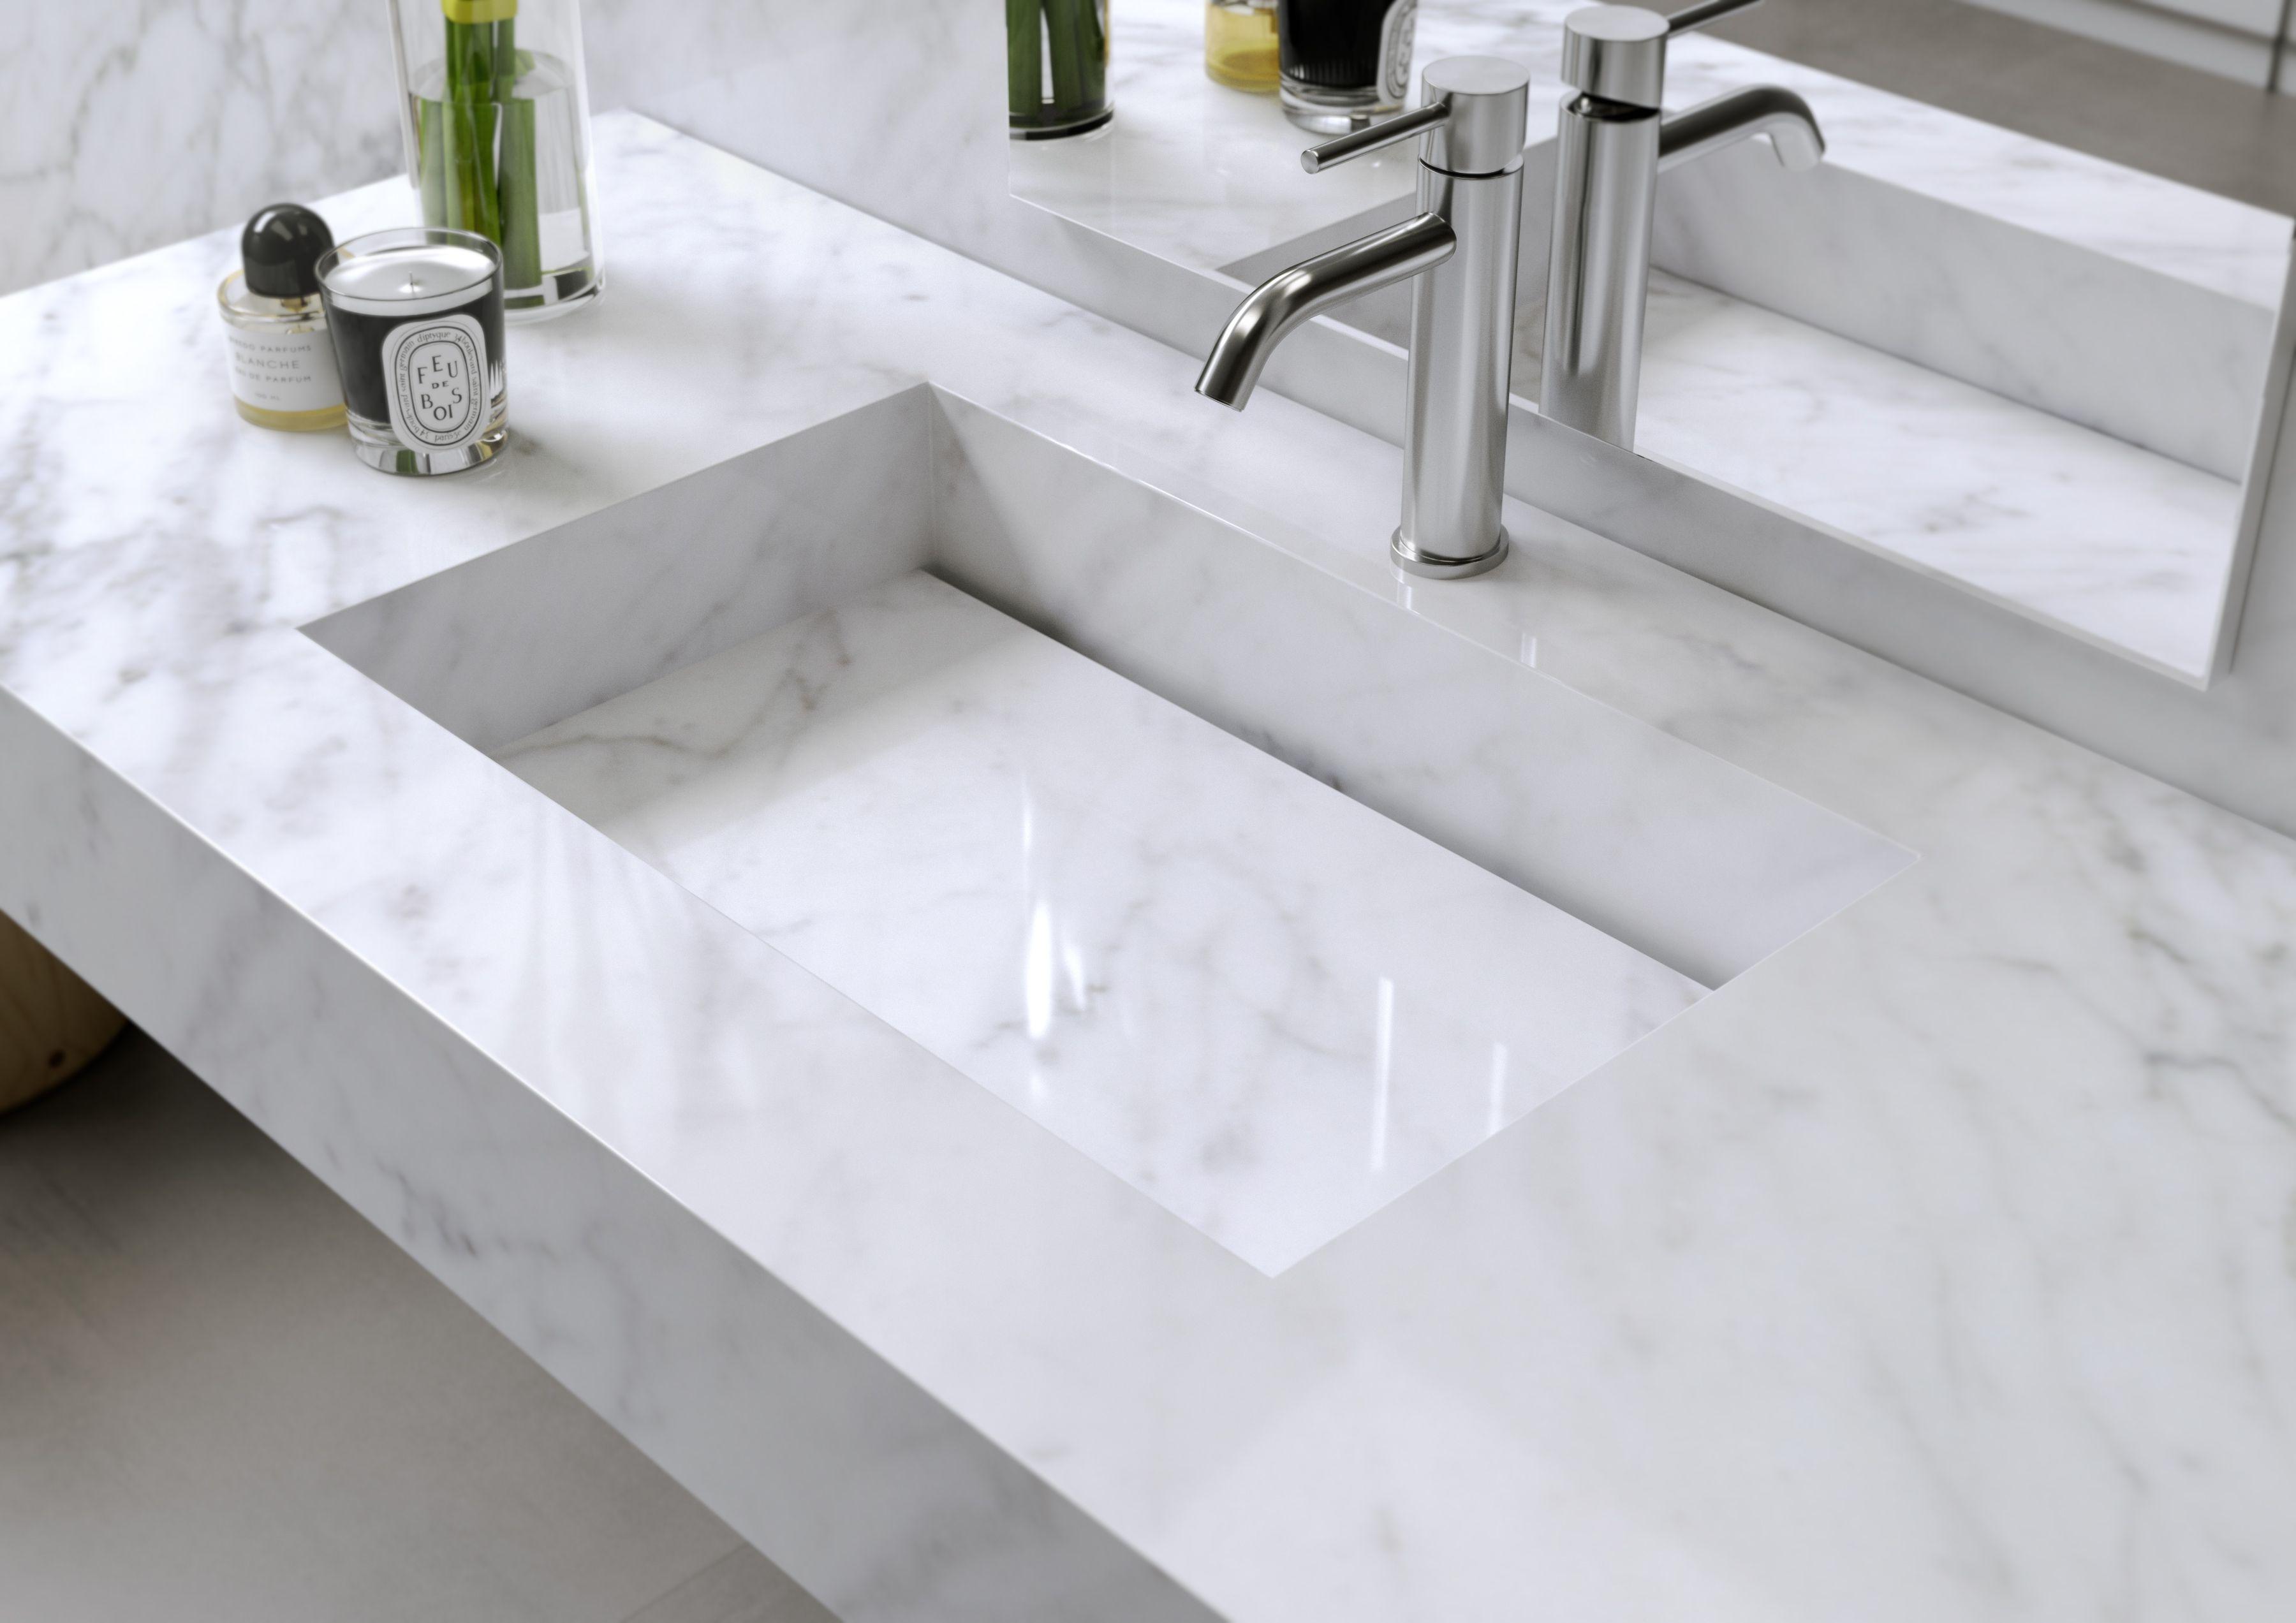 Plan Vasque En Marbre Carrara Sink In Authentic Marble Carrara